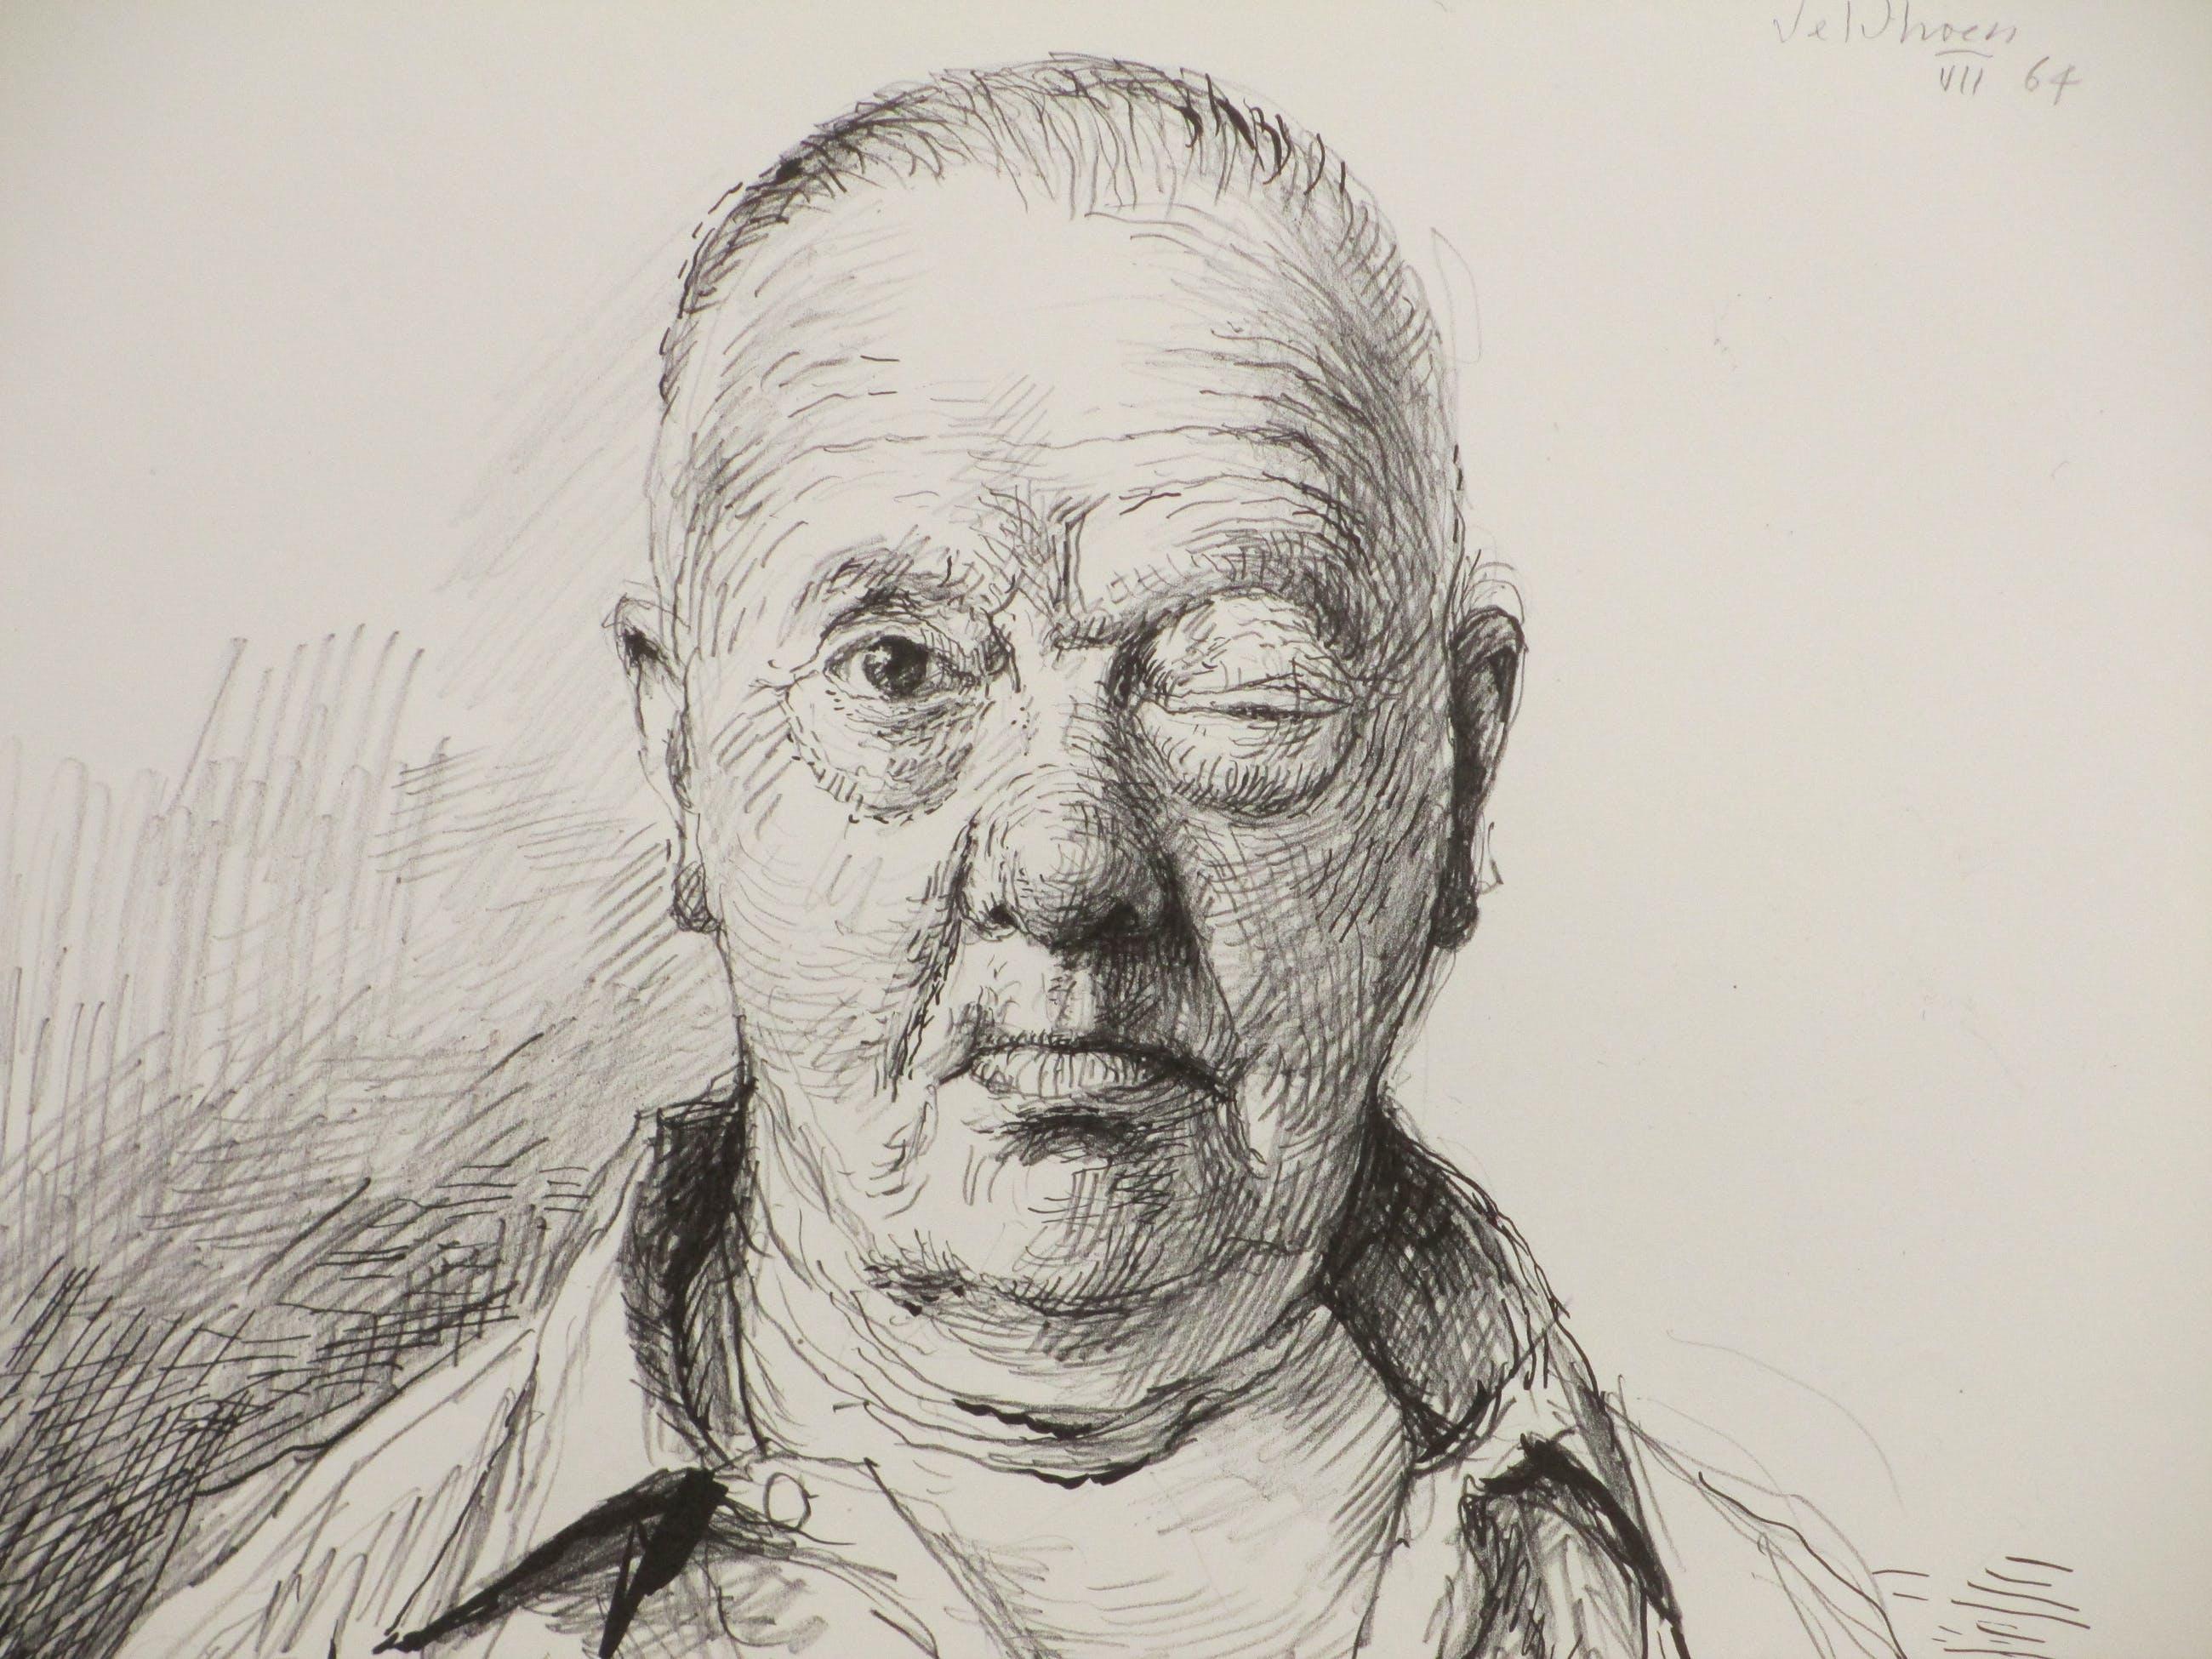 Aat Veldhoen - Man met dik oog - Rotaprint kopen? Bied vanaf 40!